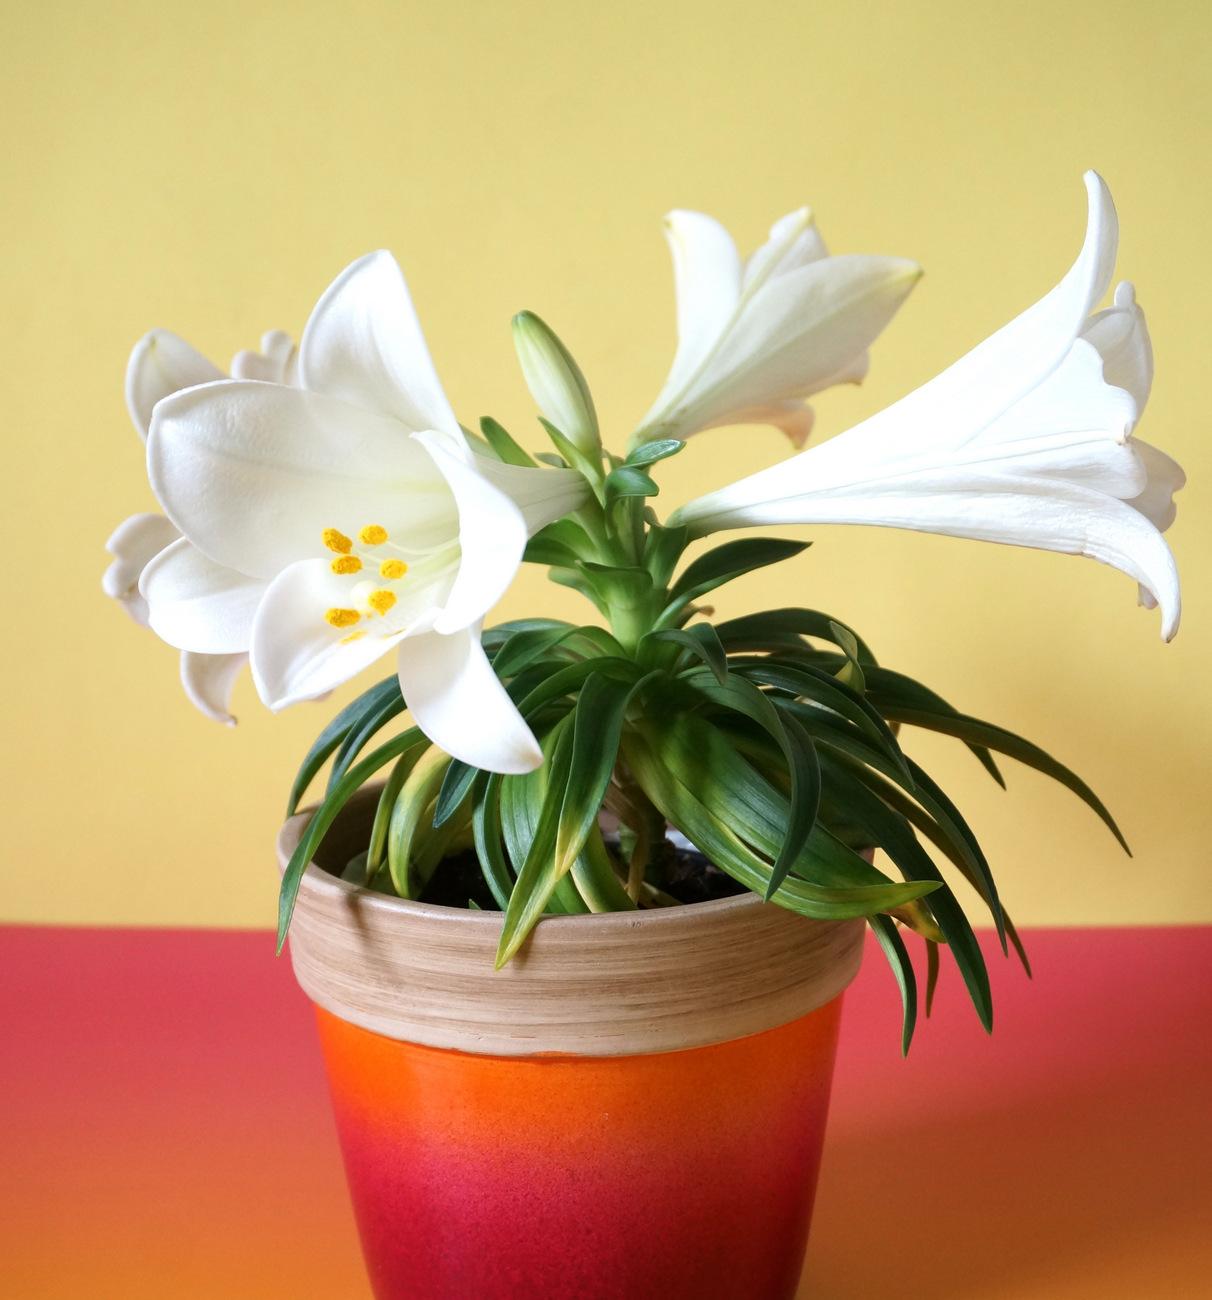 An Easter lily arrangement